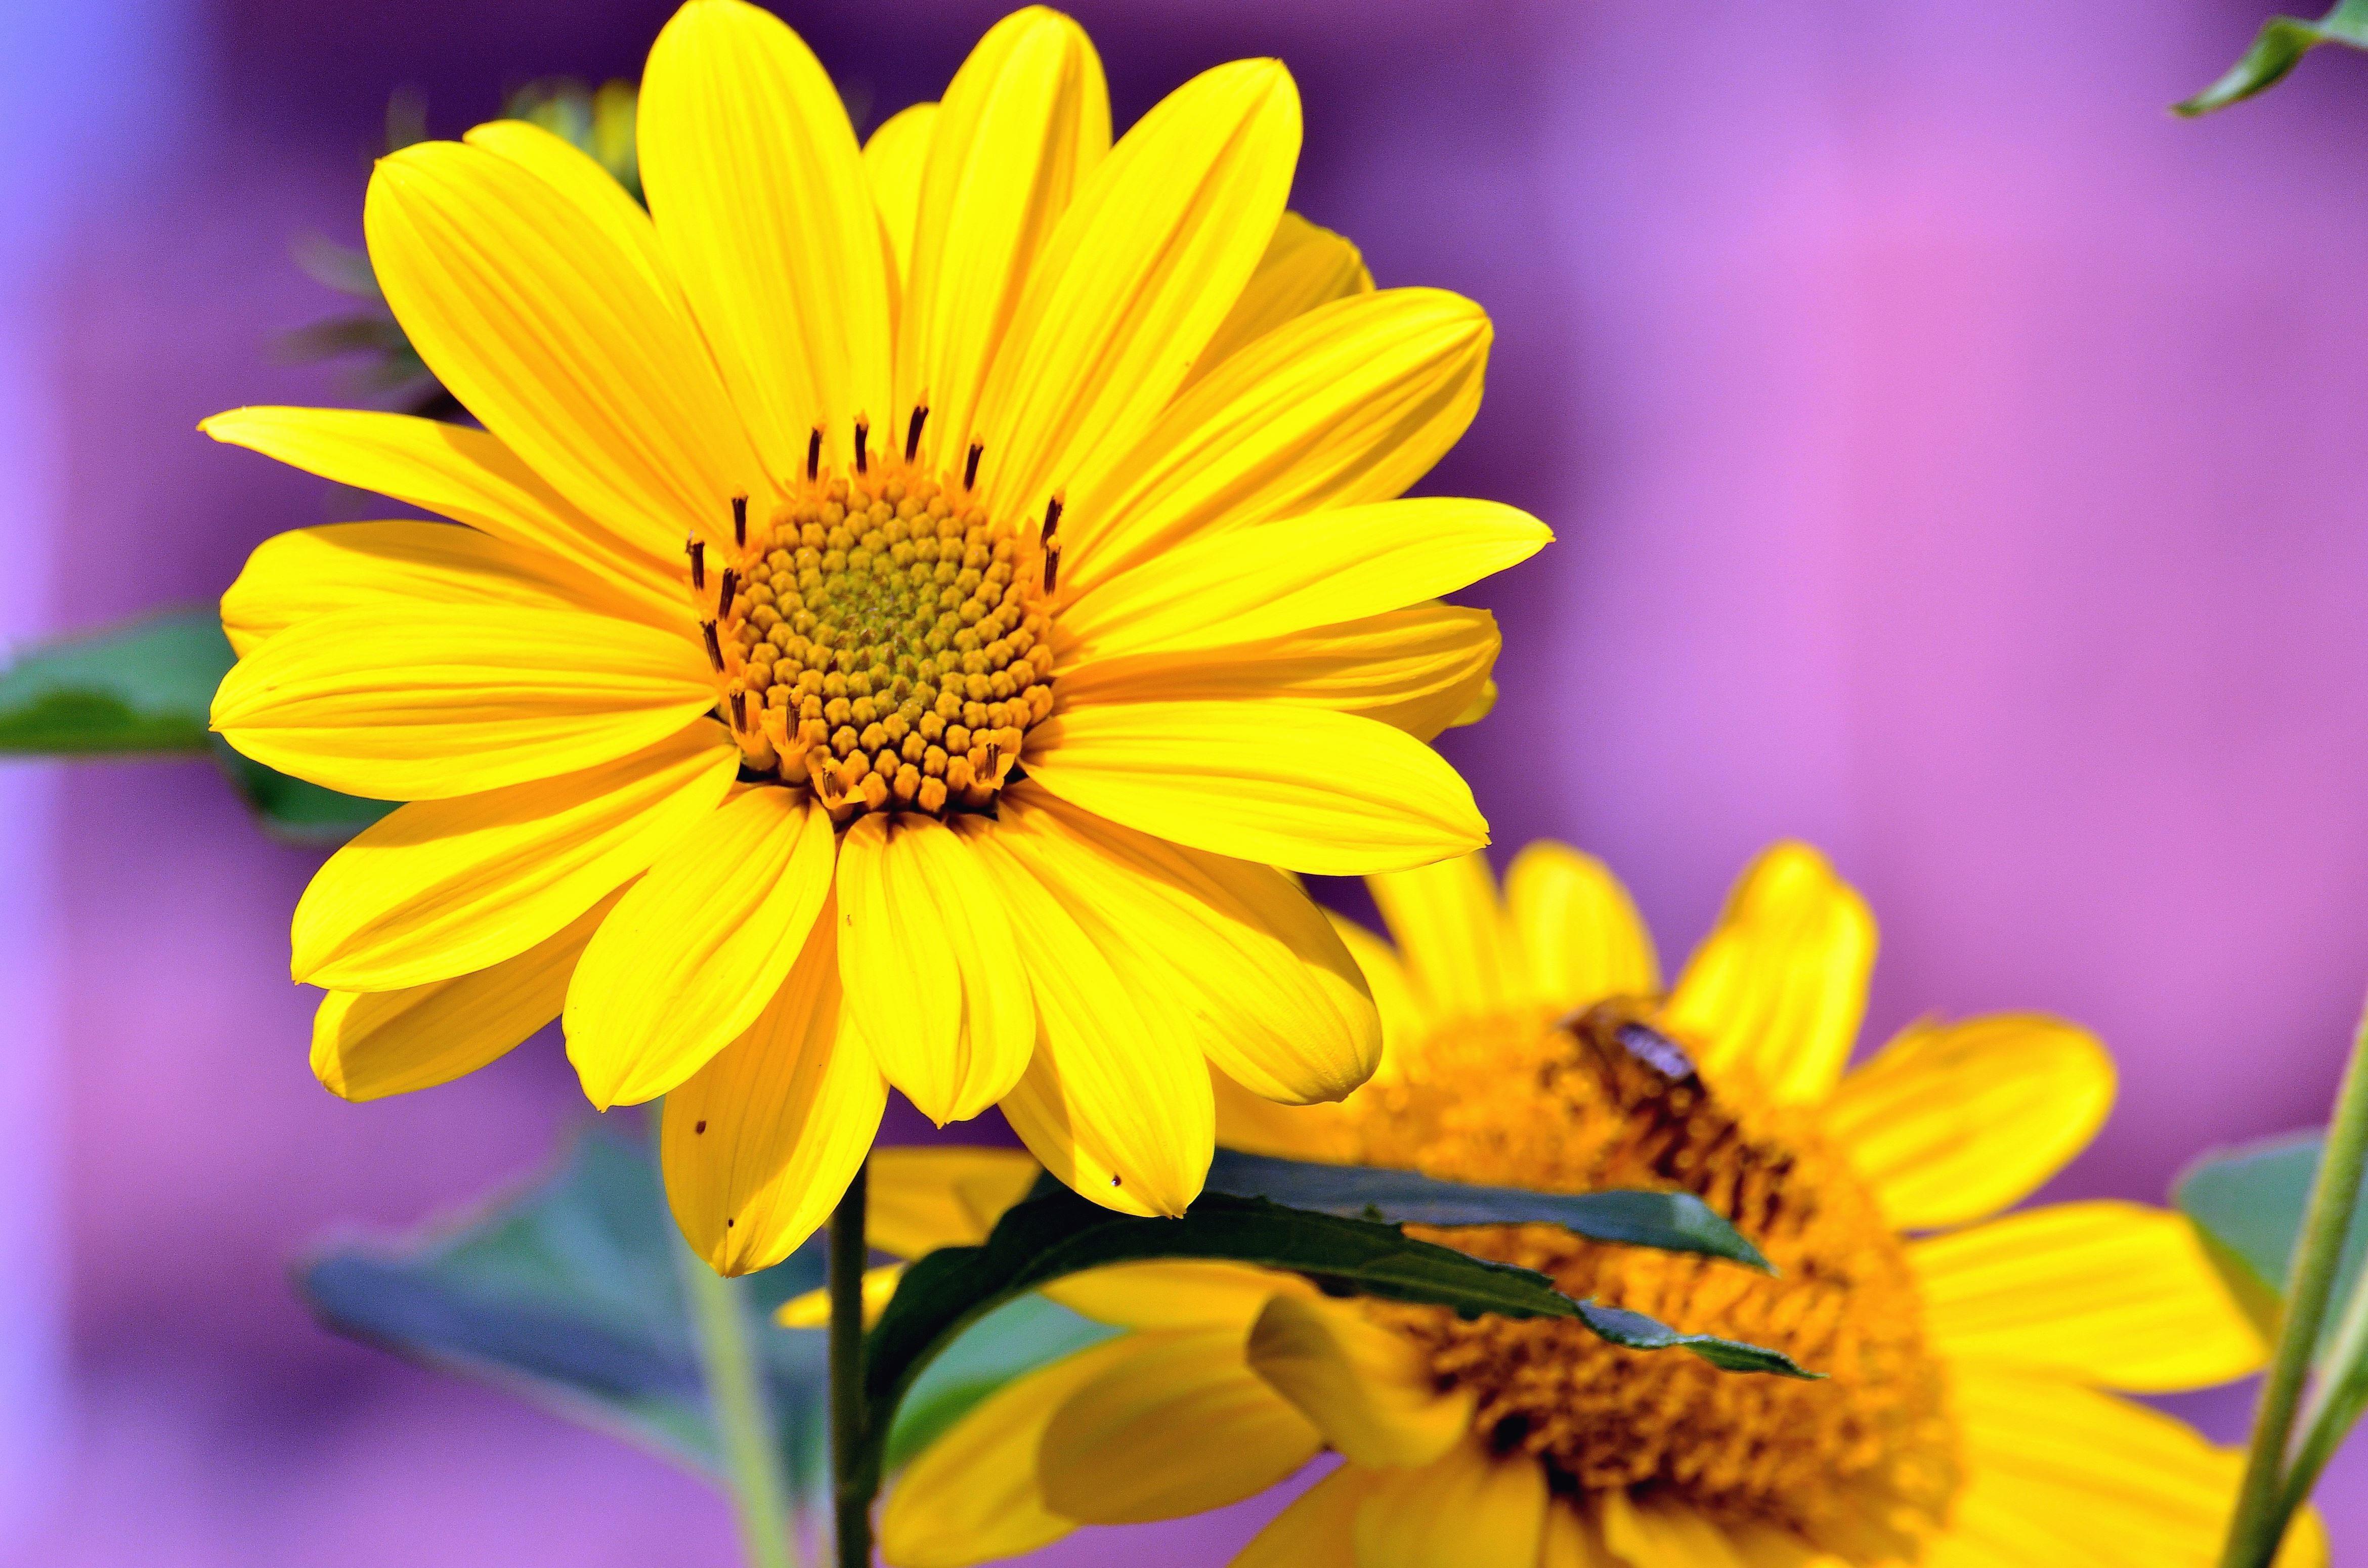 Image Libre Fleur Jaune Petale Fleur Feuille Pistil